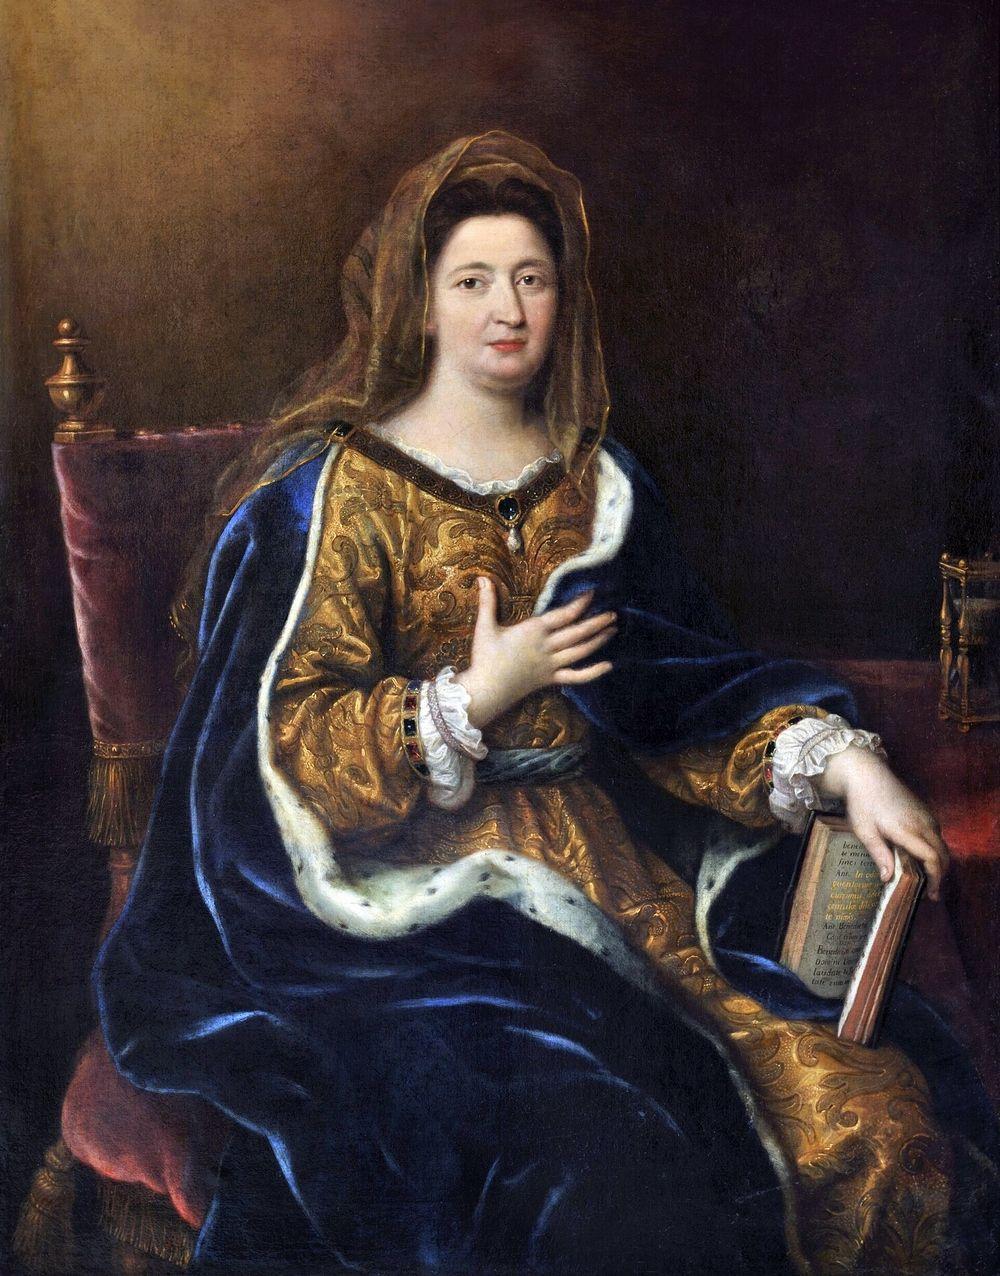 58-letnia małżonka króla wciąż miała sporo uroku. Franciszka w 1694 roku na obrazie Pierre'a Mignarda (źródło: domena publiczna).